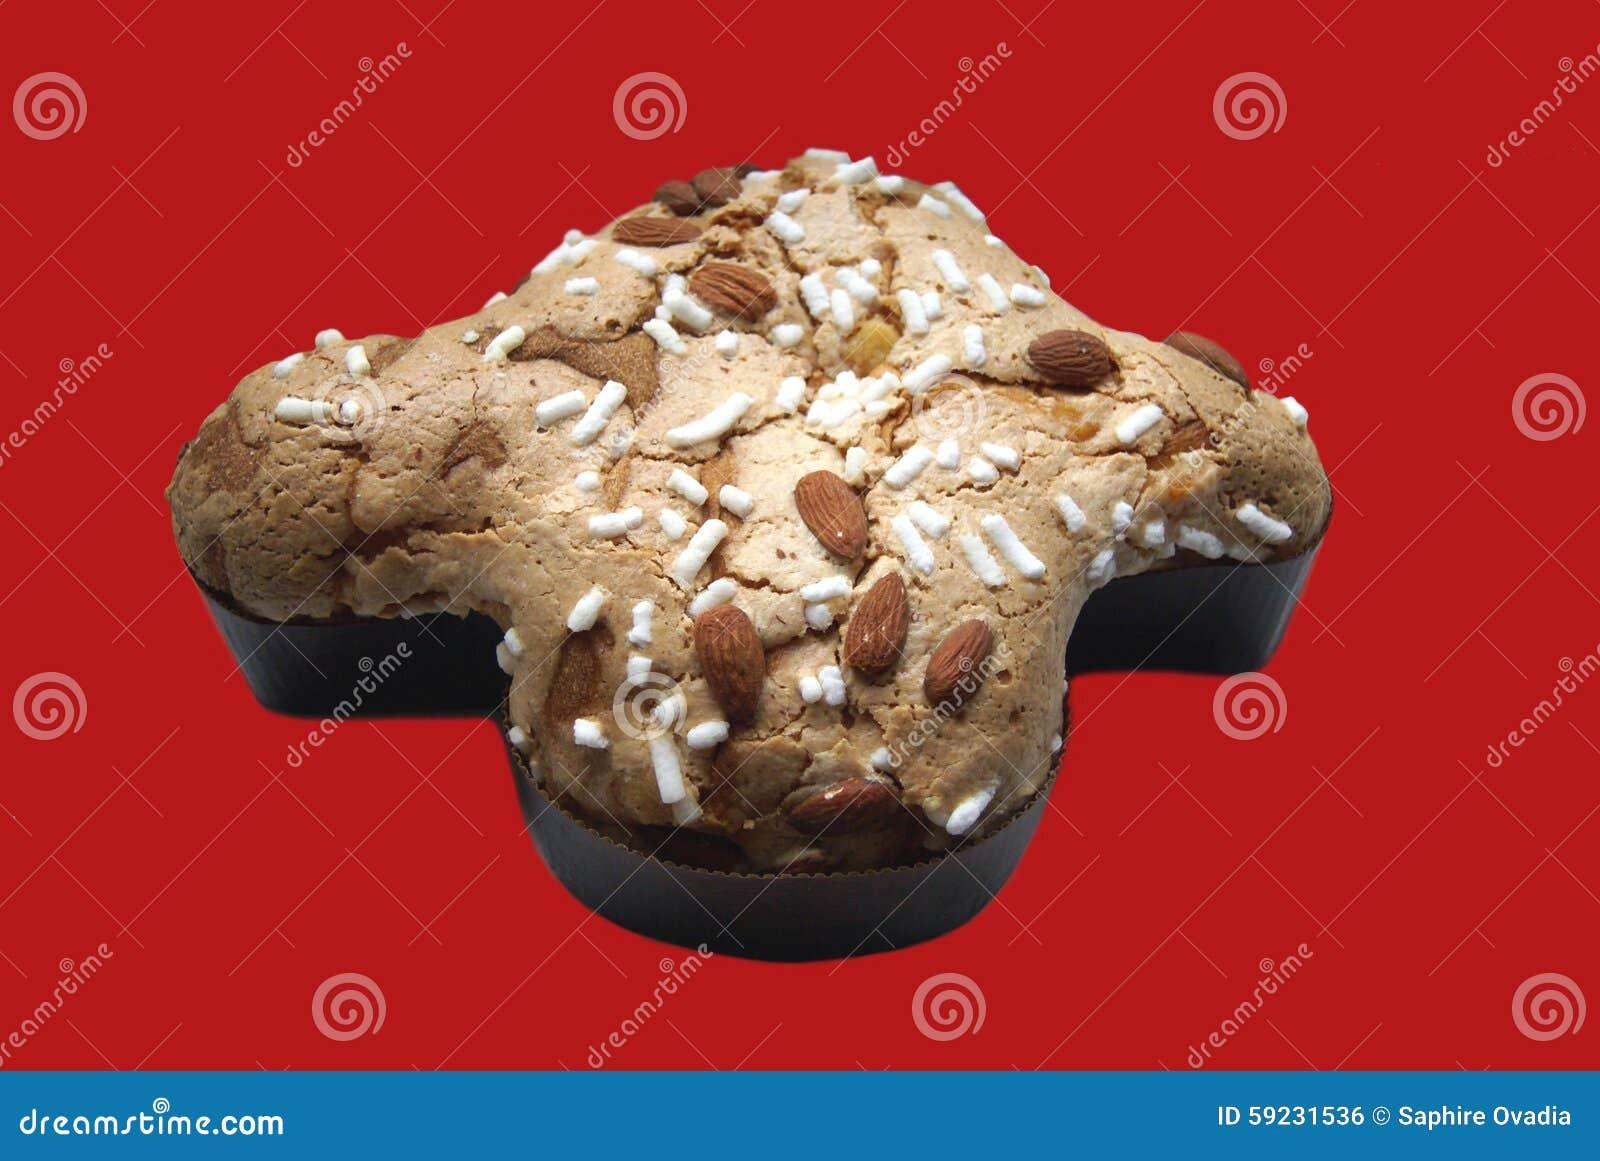 Download Torta Con Las Almendras Y El Azúcar De Formación De Hielo Foto de archivo - Imagen de cafetería, icing: 59231536